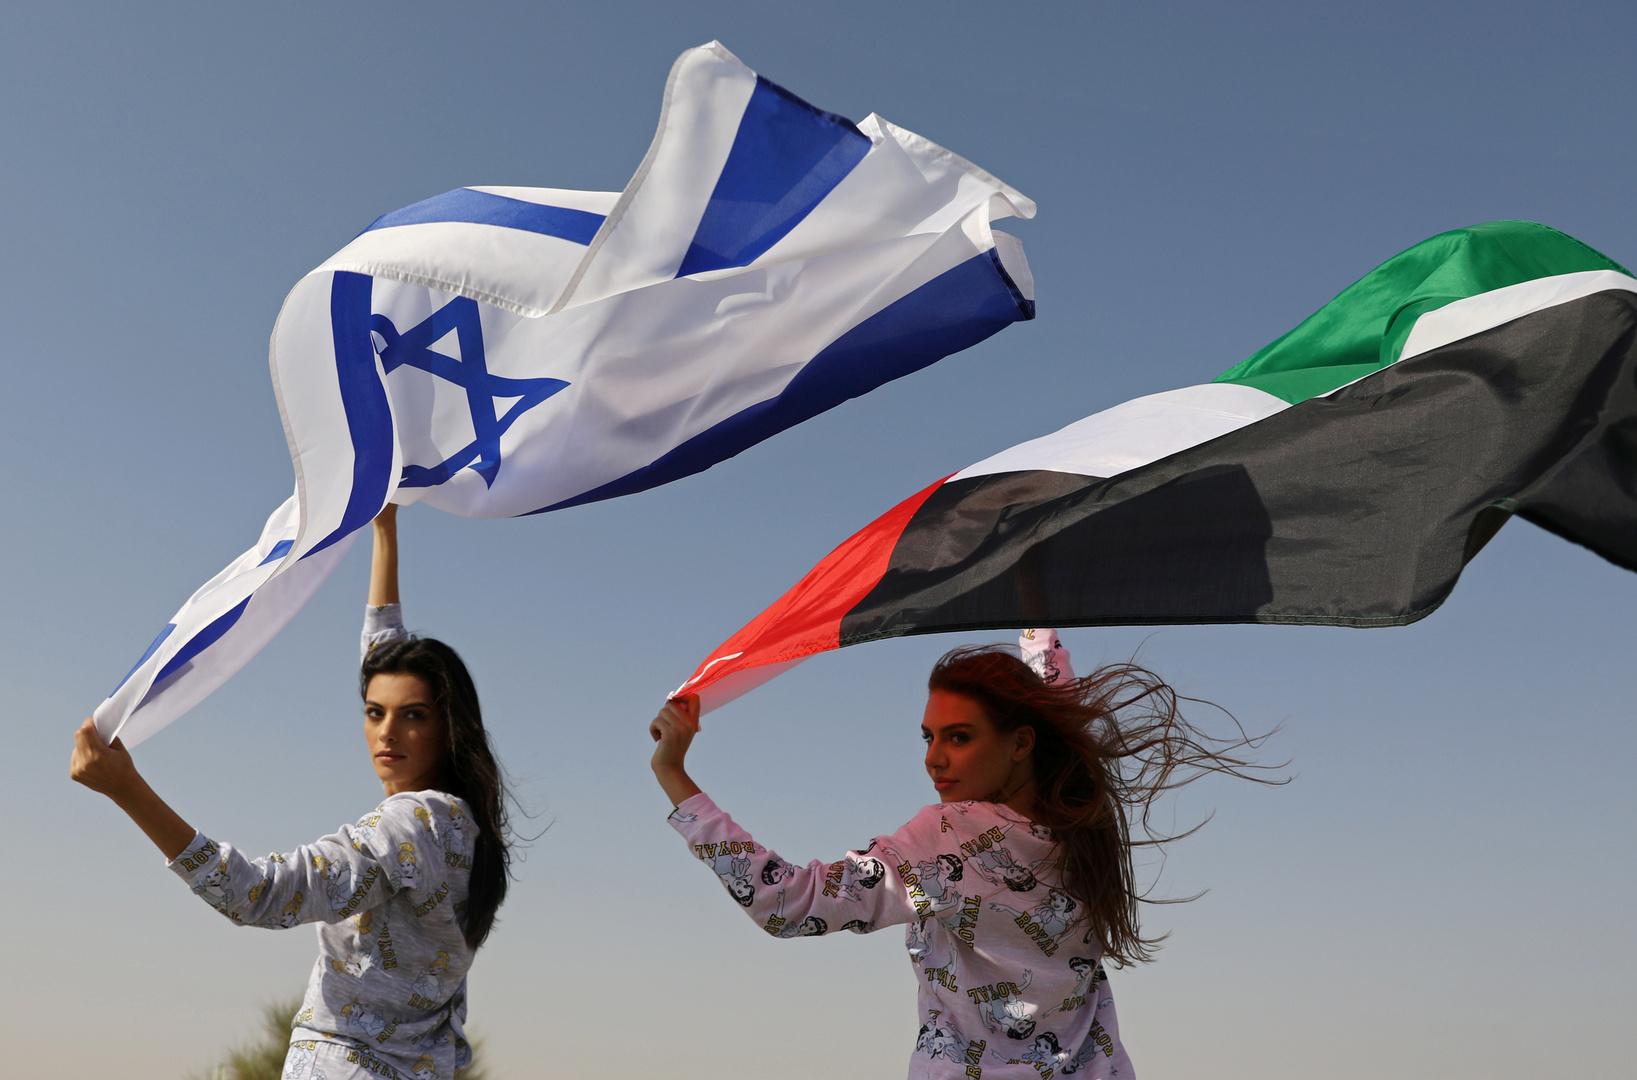 سفير الإمارات لدى إسرائيل: الاتفاق الإبراهيمي للسلام يعد إنجاز تاريخيا